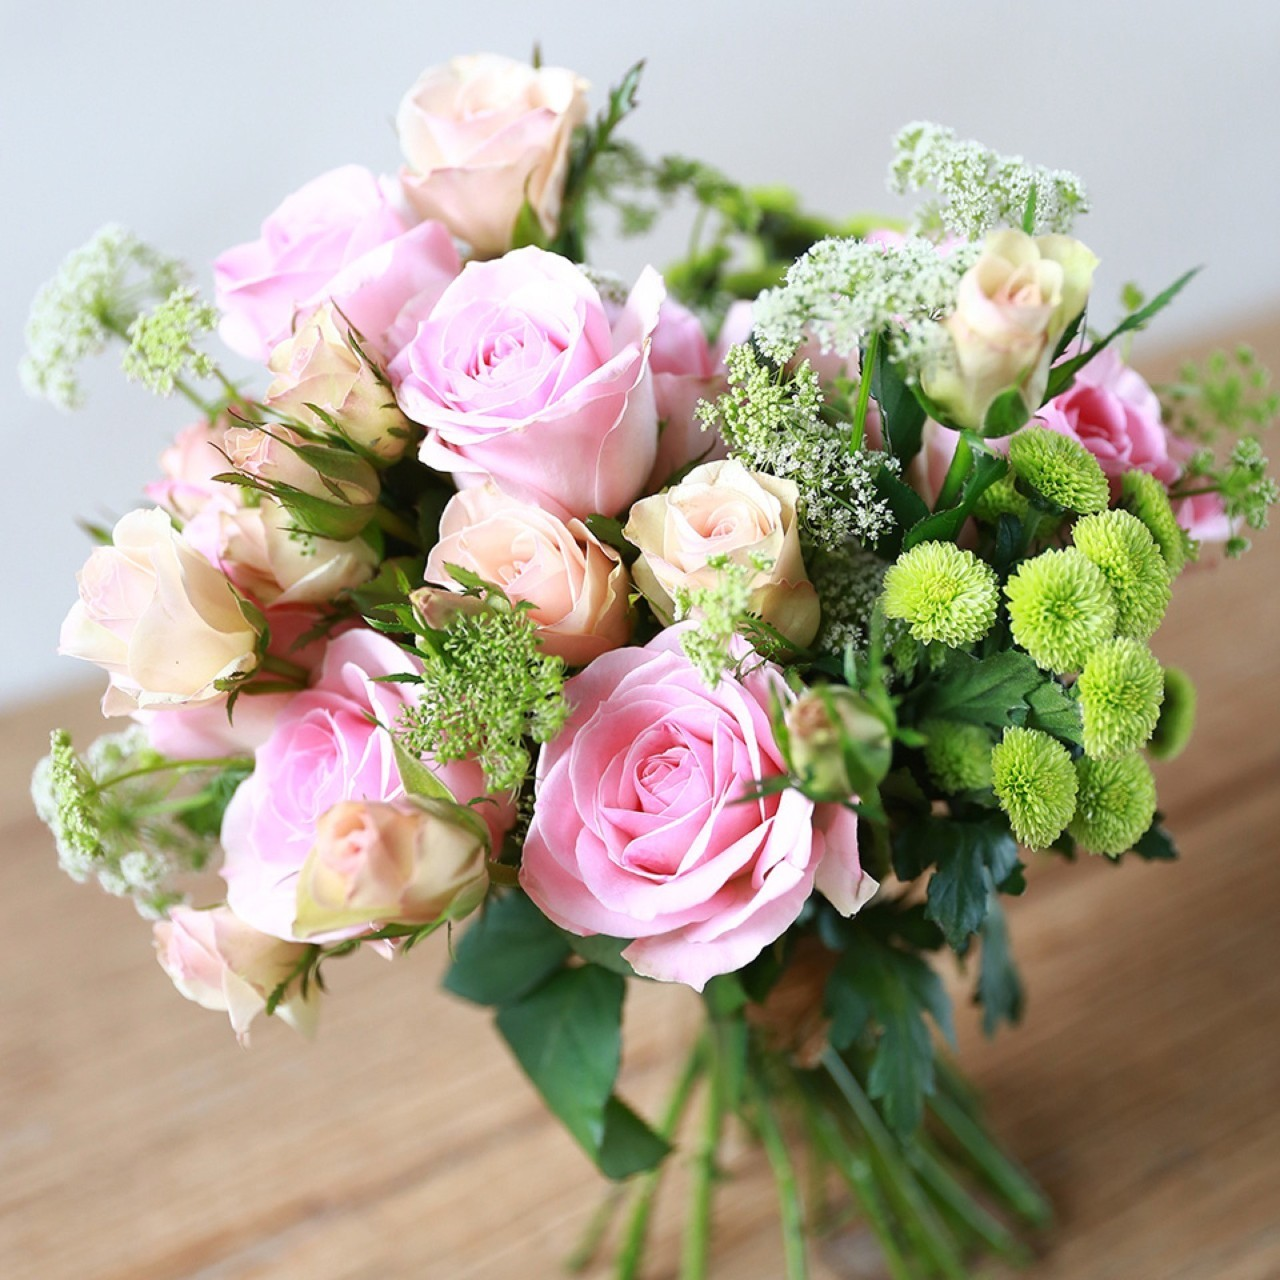 每周一束花按时来临,成全你生活中不经意的小惊喜